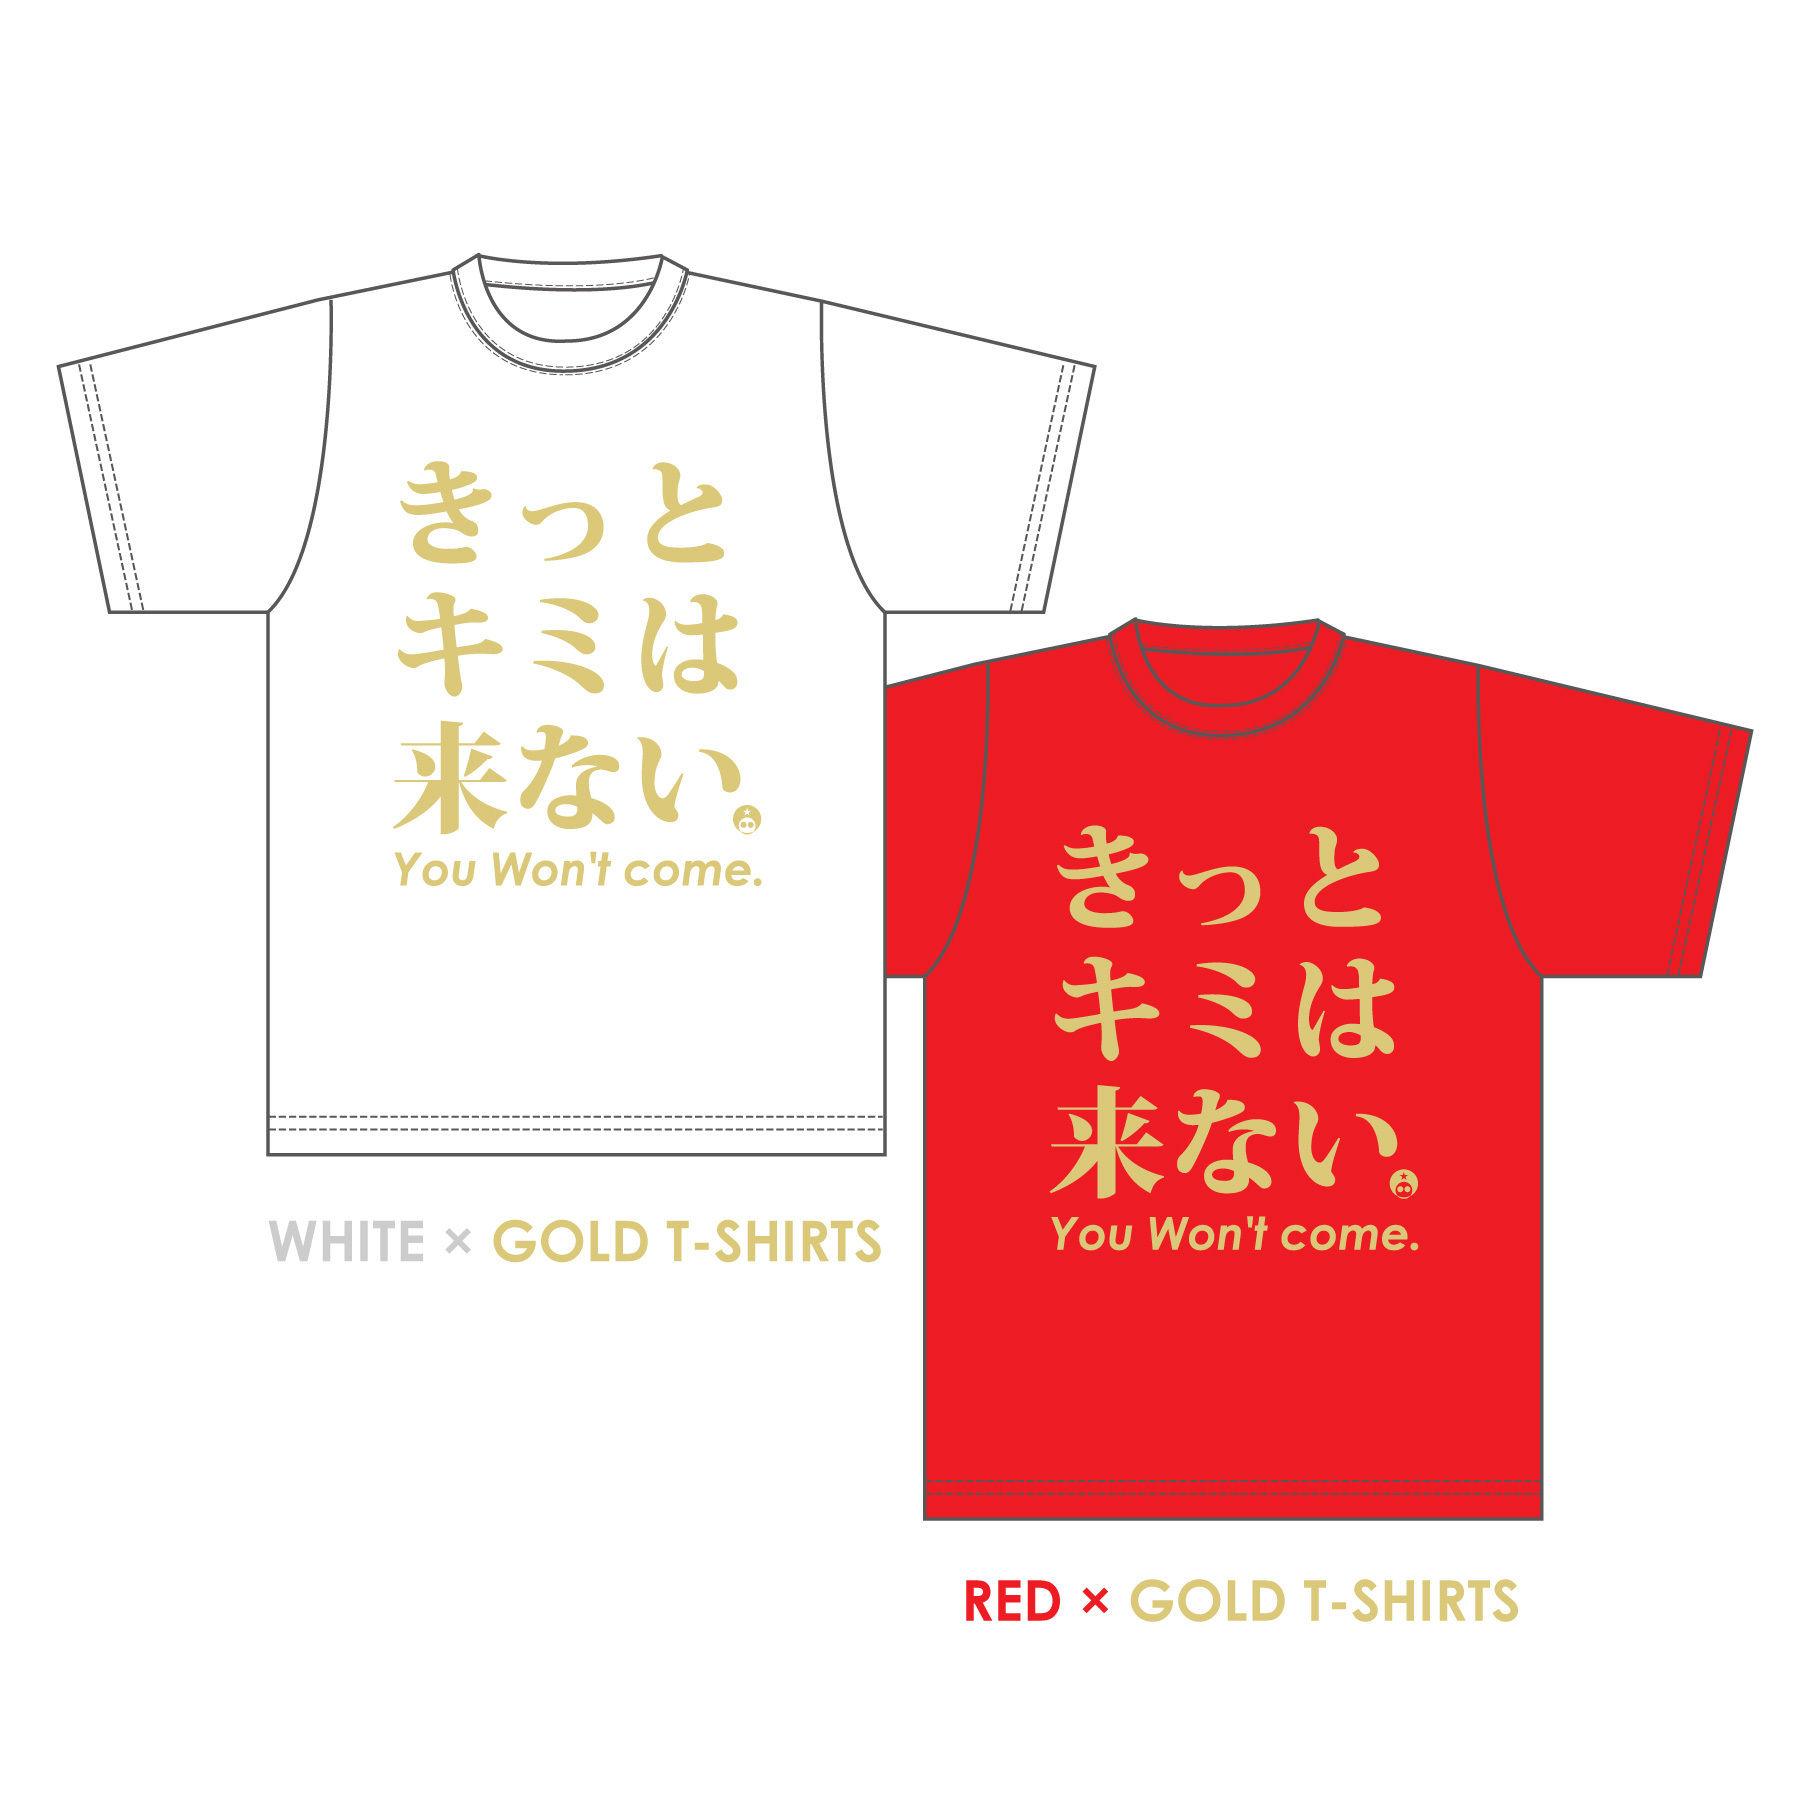 【予約開始】#きっとキミは来ない GOLD Tシャツ2017